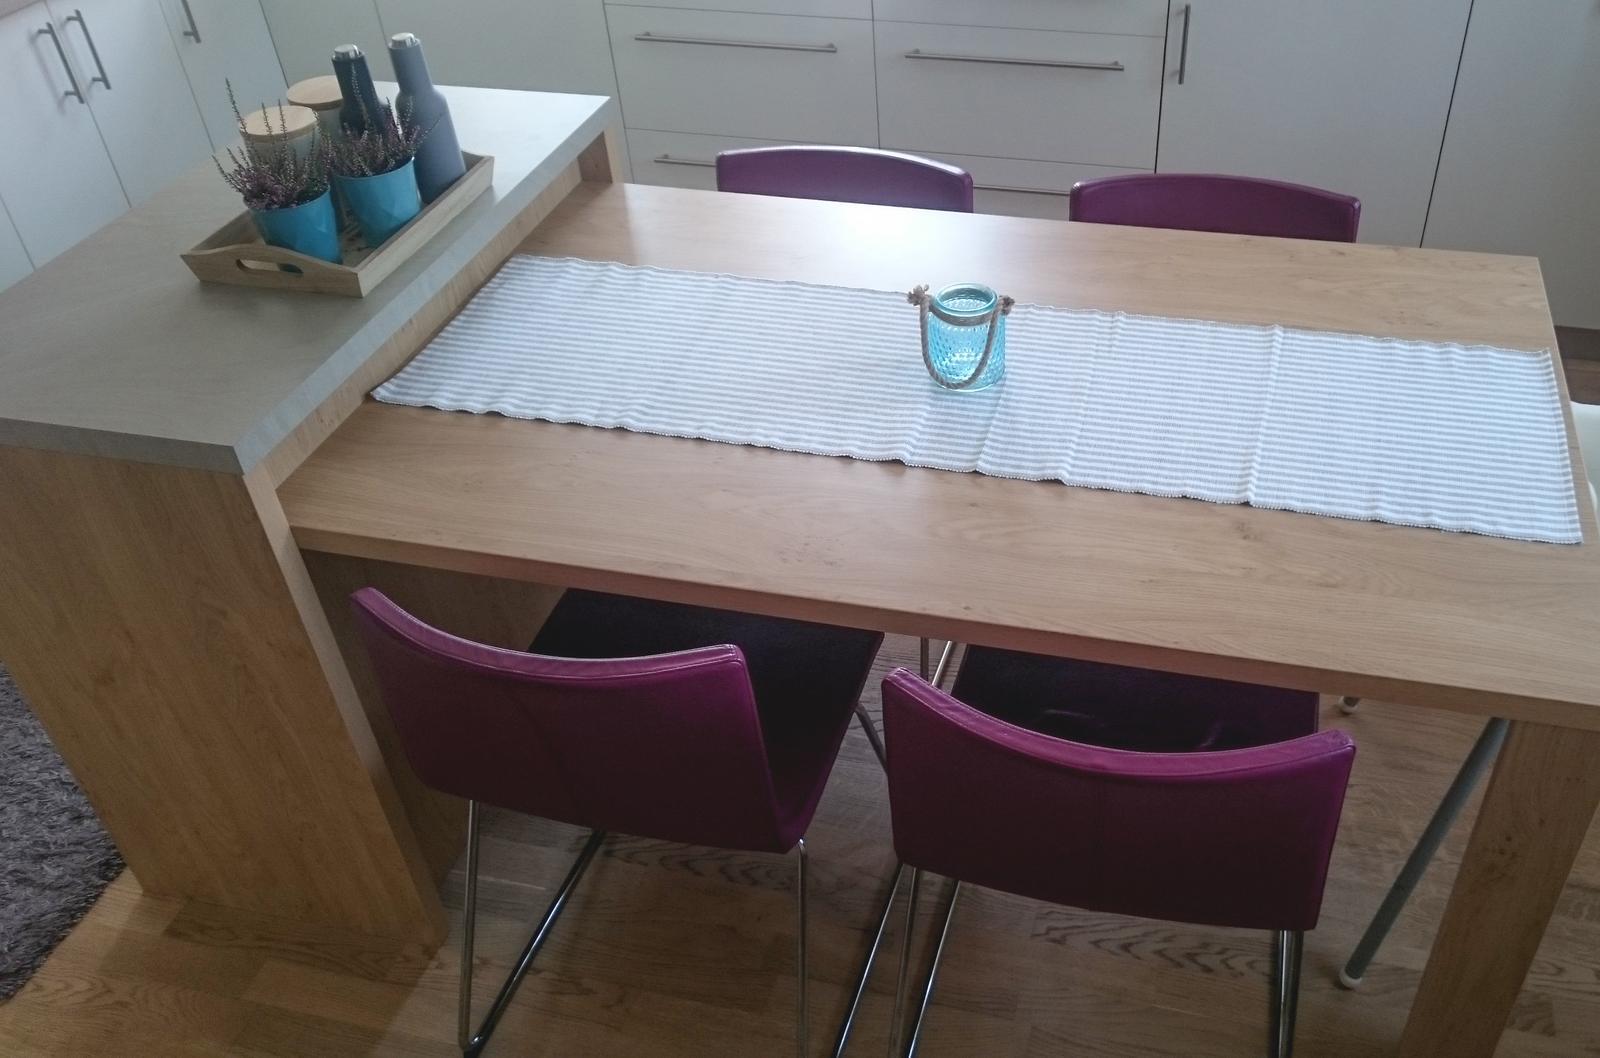 Kožené židle Bernhard IKEA 4ks - Obrázek č. 2